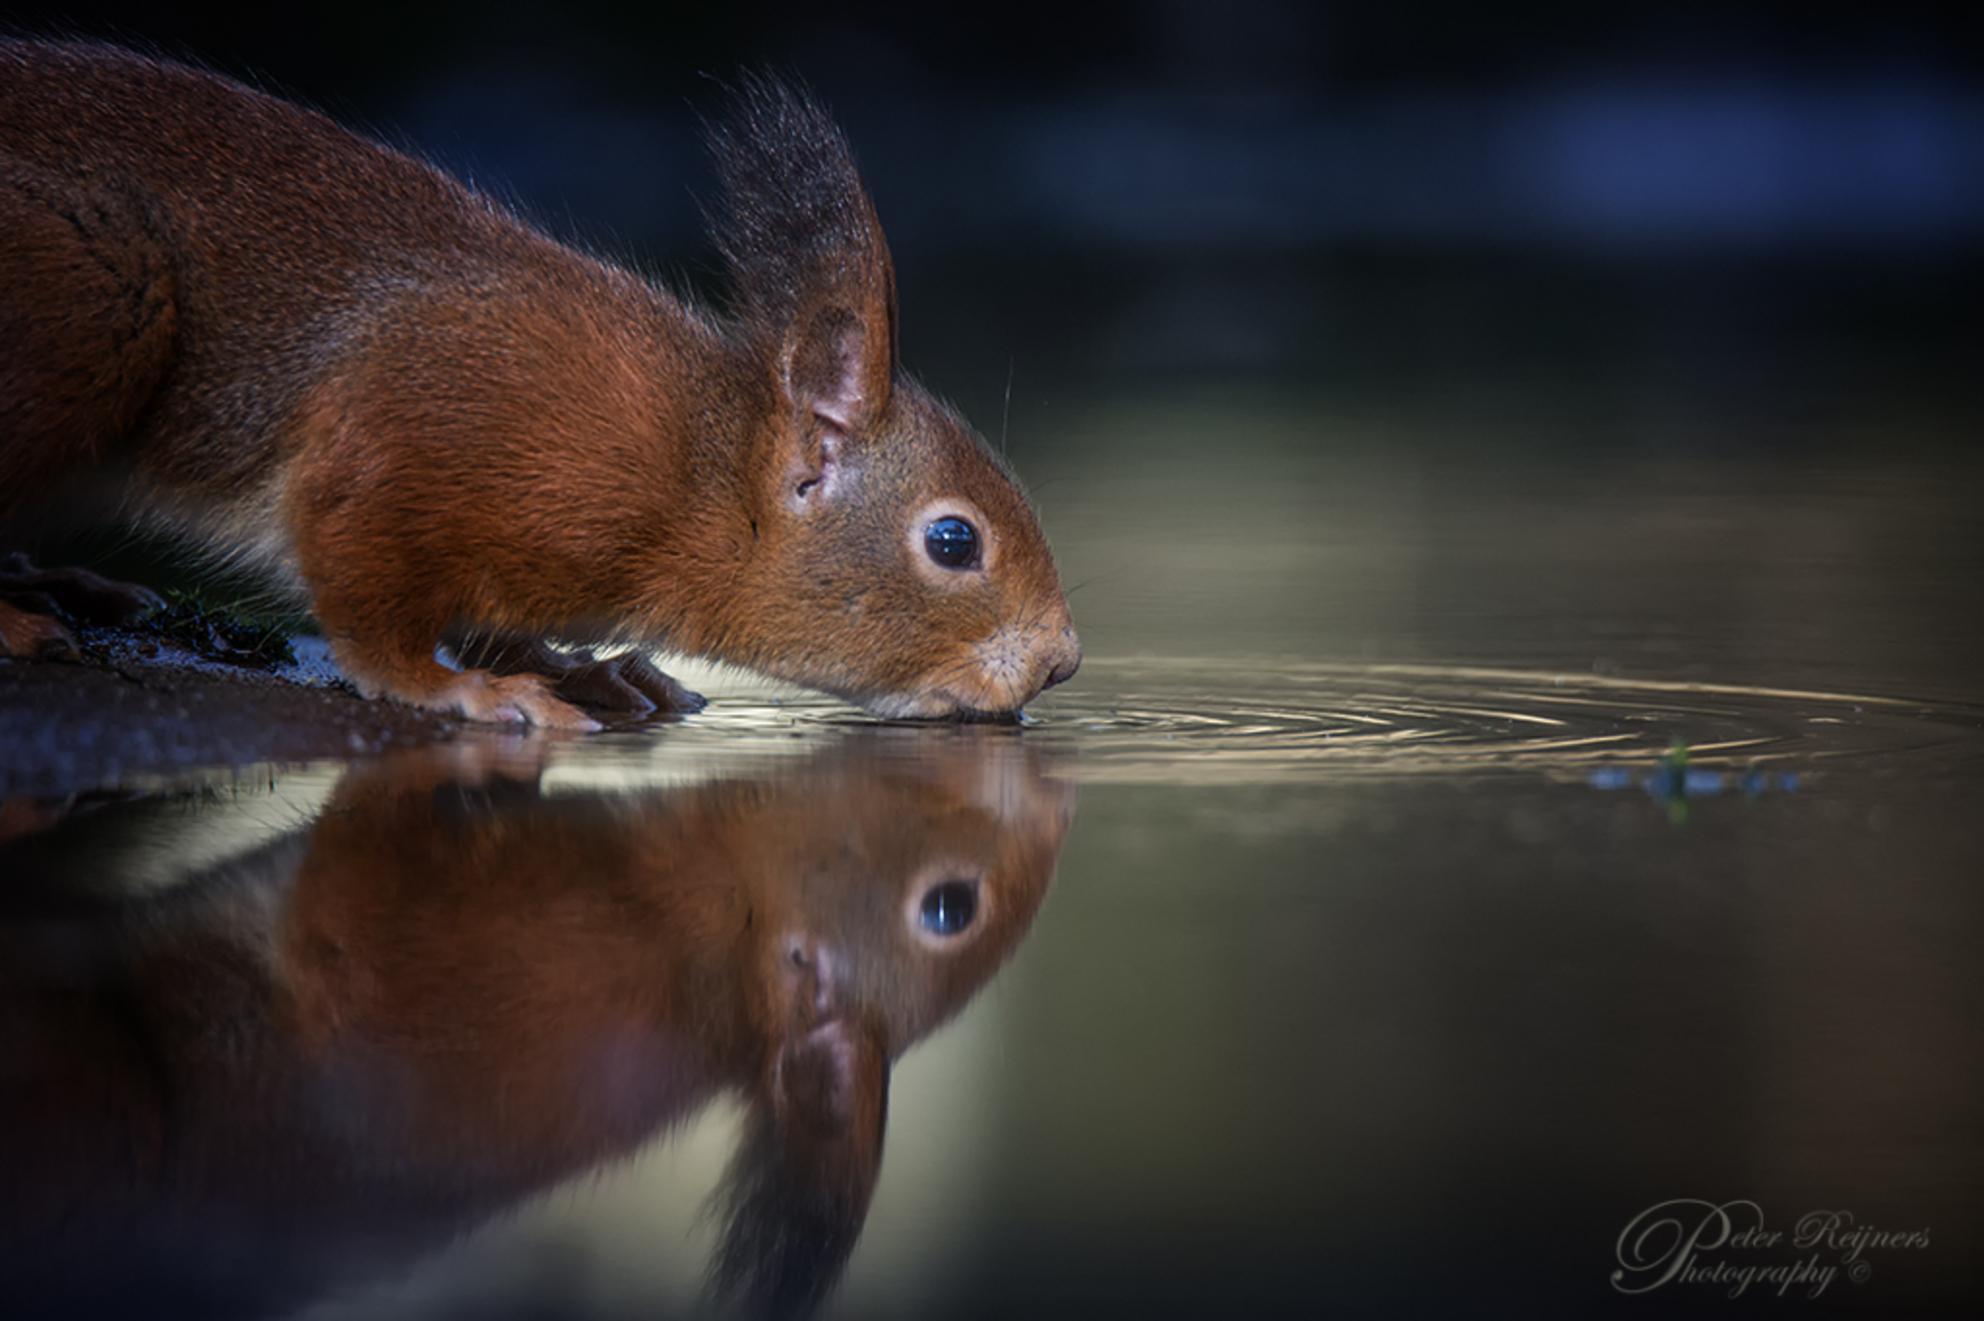 Dorst - Afgelopen zondag voor het eerst sinds 2019 weer eens echt voor diertjes op pad gegaan. Wat was het genieten in de natuur. Dit eekhoorntje had wel erg - foto door Peterr_zoom op 25-02-2021 - deze foto bevat: water, natuur, dieren, eekhoorn, Peterr, Canon 5D Mark III